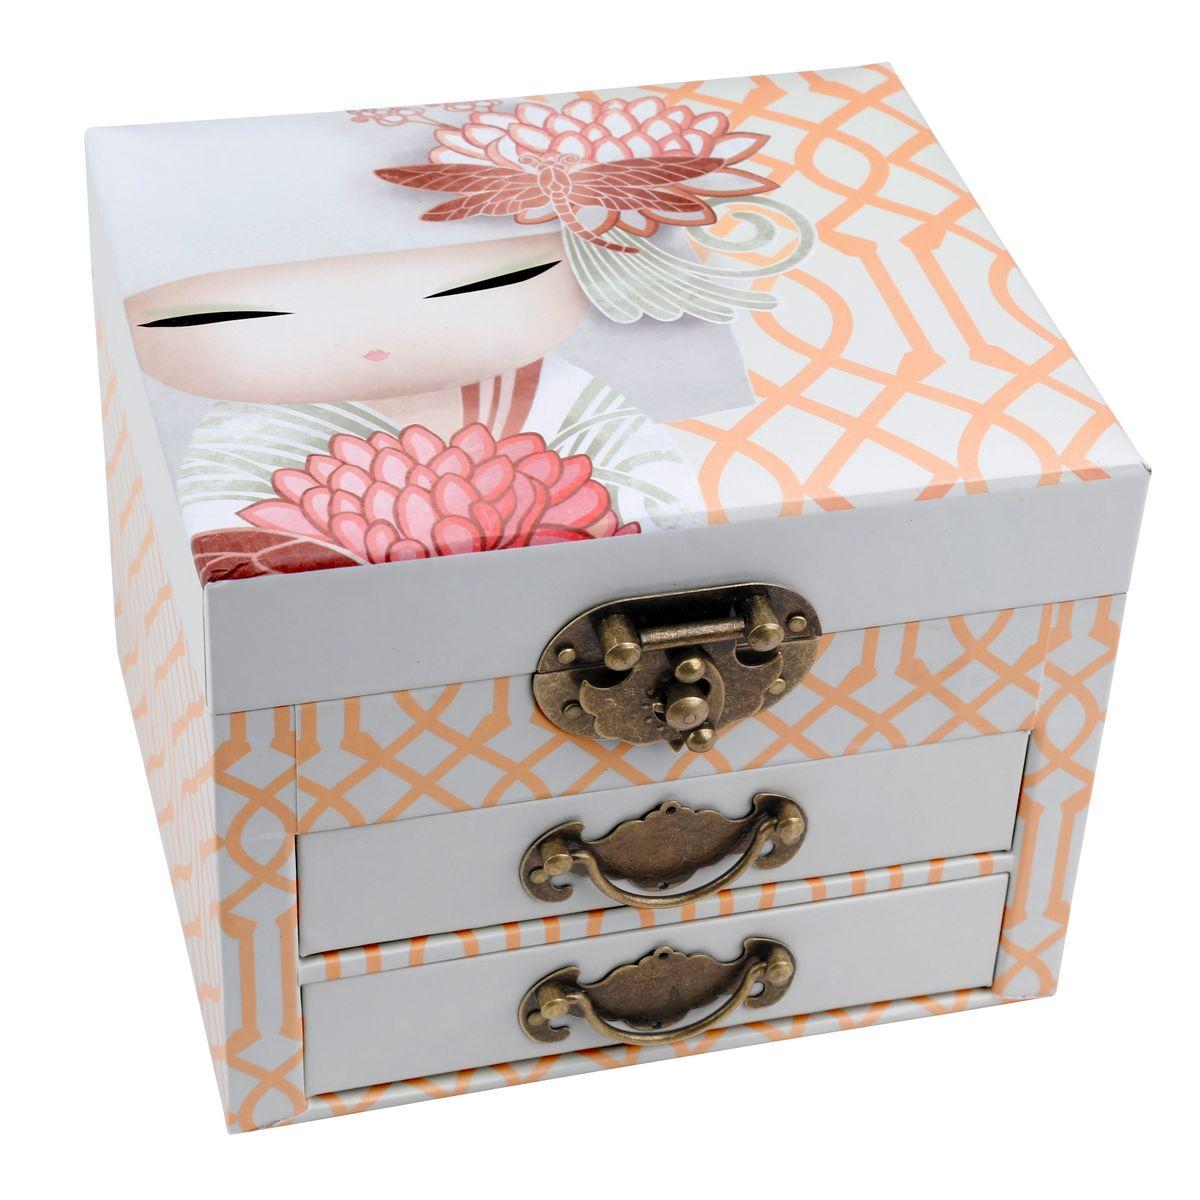 Шкатулка для бижутерии Kimmidoll Казуми (Страсть)KS0869Милая шкатулка для бижутерии Kimmidoll Казуми (Страсть) выполнена из плотного картона. Шкатулка оснащена двумя выдвижными ящичками и декорирована винтажными ручками и замком. Внутри шкатулка имеет три секции для хранения любимой бижутерии. На внутренней стороне крышки шкатулки есть зеркало прямоугольной формы.Такая шкатулка не только надежно сохранит вашу бижутерию, но и станет изысканным украшением интерьера.Привет, меня зовут Казуми. Я талисман страсти! Мой дух заряжает энтузиазмом и энергией. Вашим страстным характером и неуемной энергией вы вдохновляете других присоединиться к вам в достижении ваших целей и желаний. Всегда будьте позитивной силой в этом мире и всегда достигайте того, чего вы намеревались сделать.